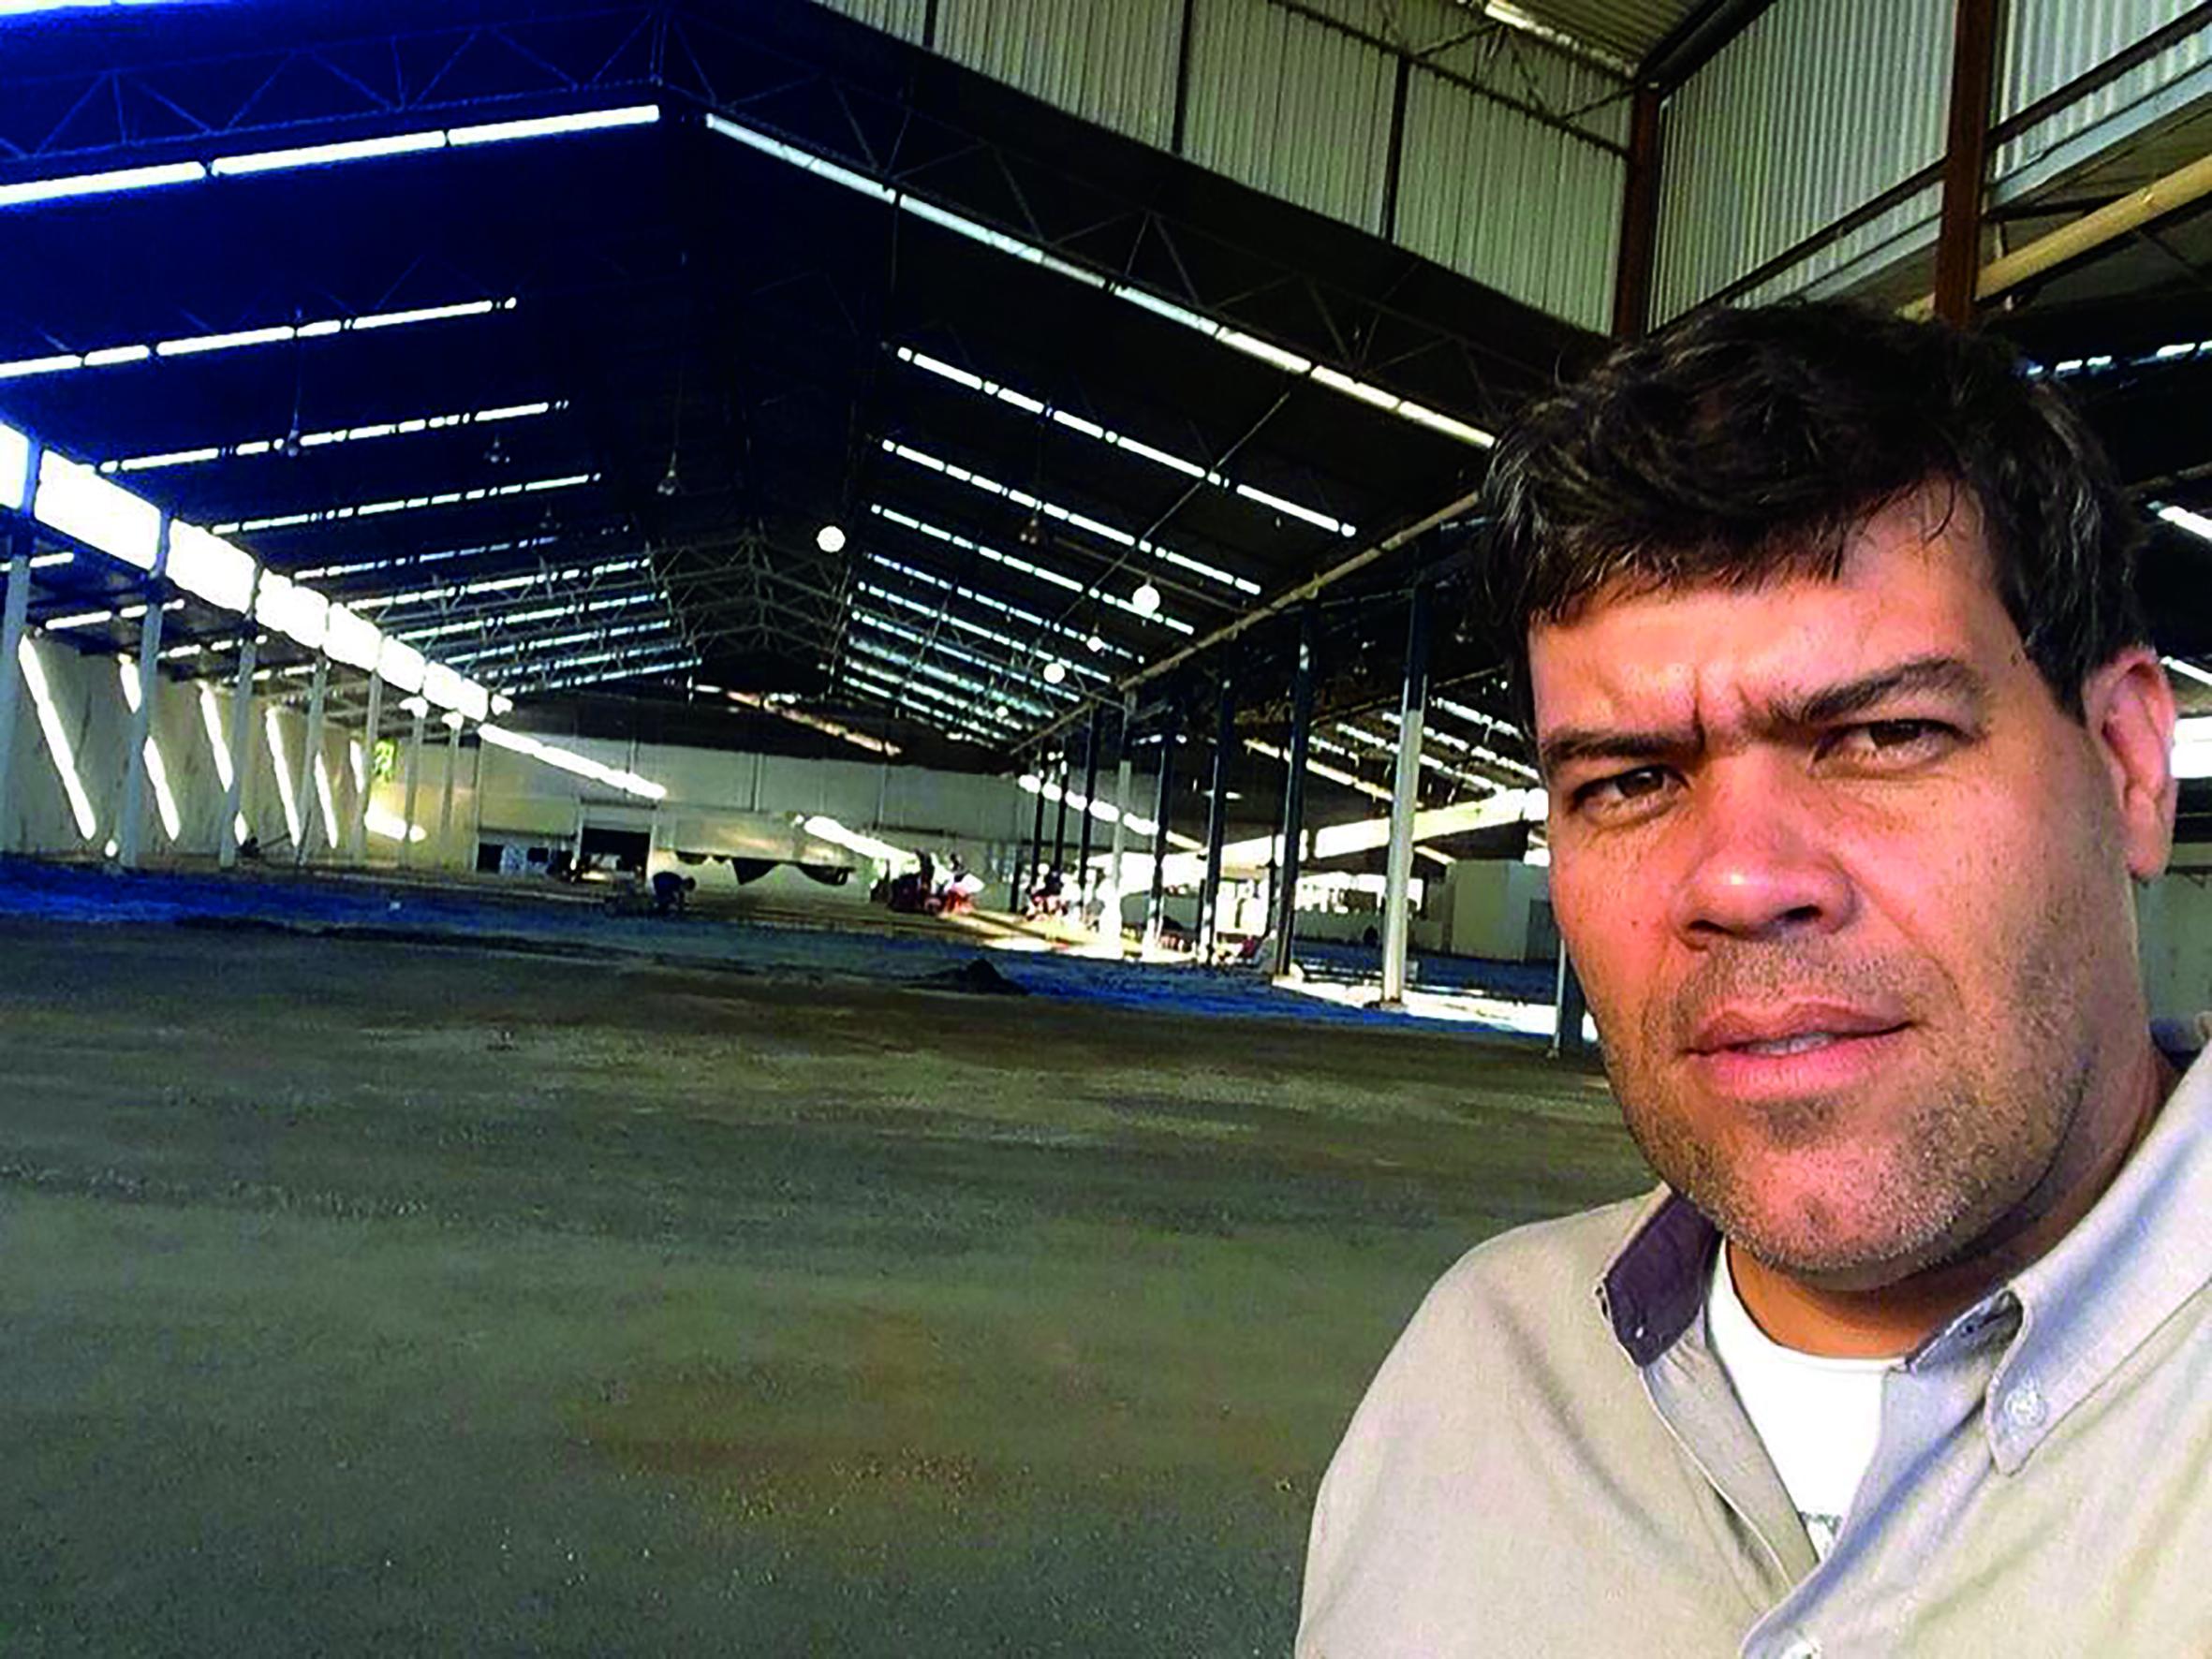 O consultor de vendas da Calsete Concretos, Cláudio Fernandes, acompanhando de perto o serviço nas futuras instalações do supermercado Mineirão, no local onde era o Centro Elétrico, próximo ao Posto Castelo.